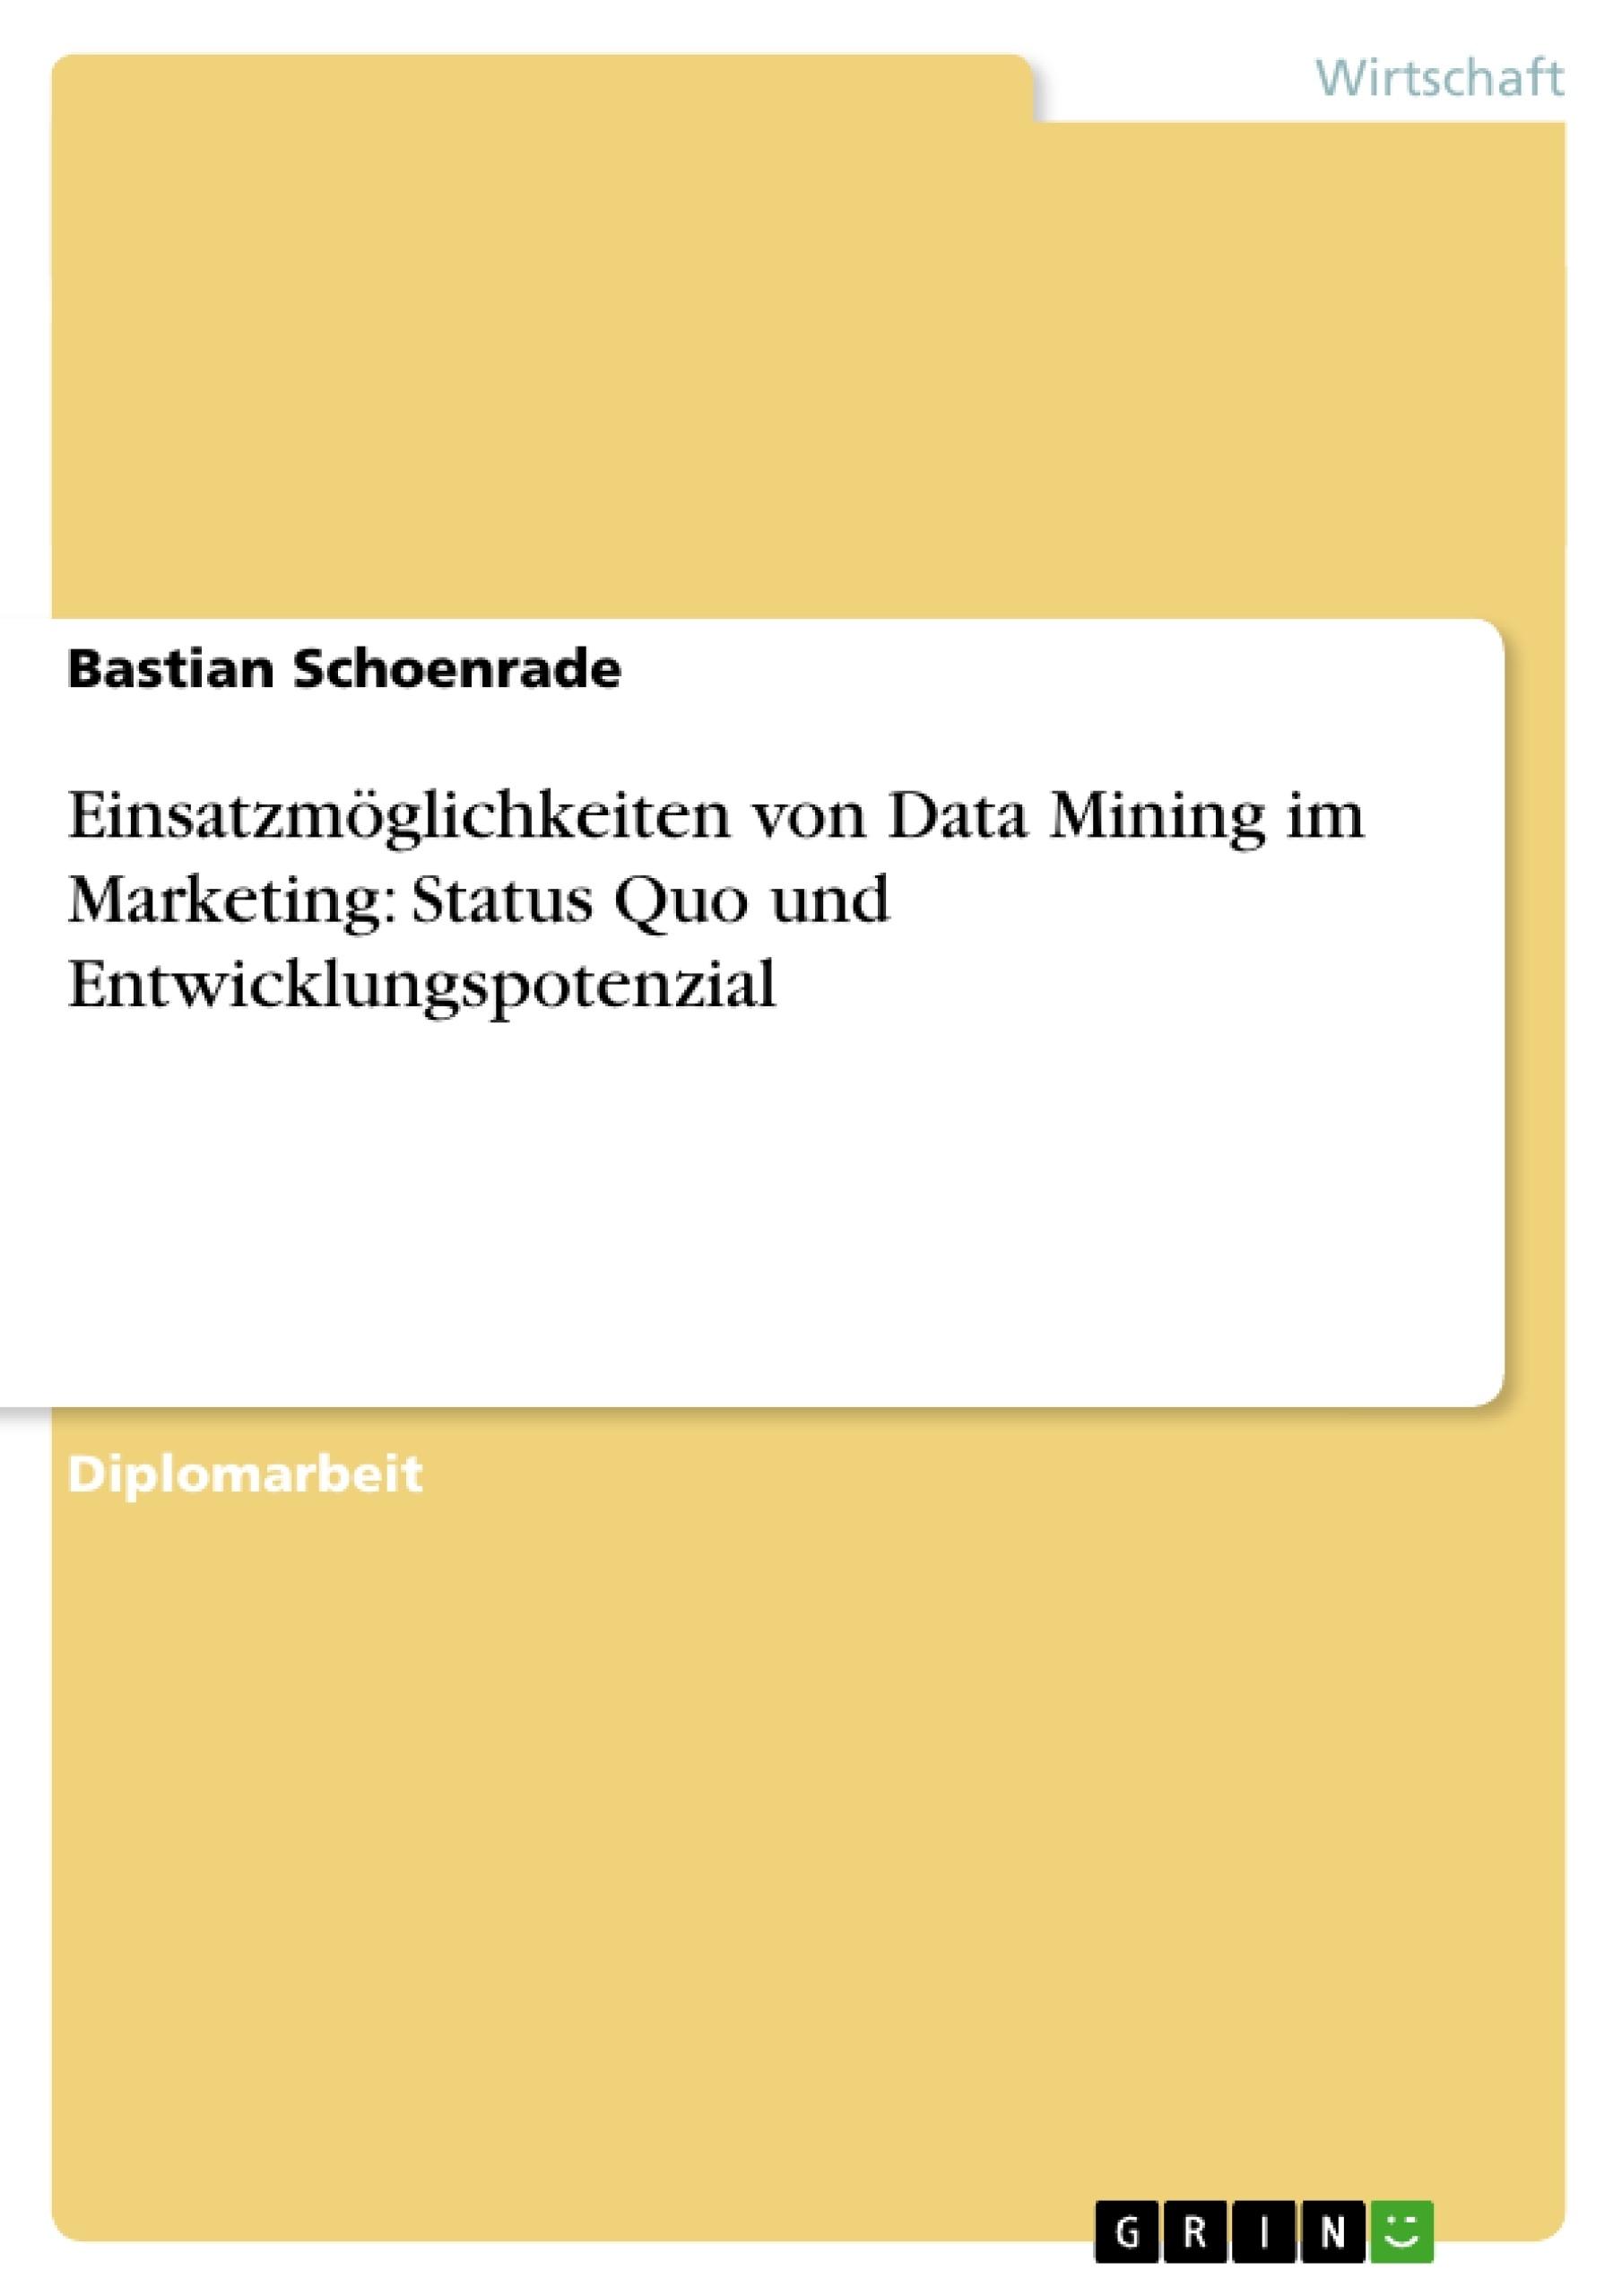 Titel: Einsatzmöglichkeiten von Data Mining im Marketing: Status Quo und Entwicklungspotenzial